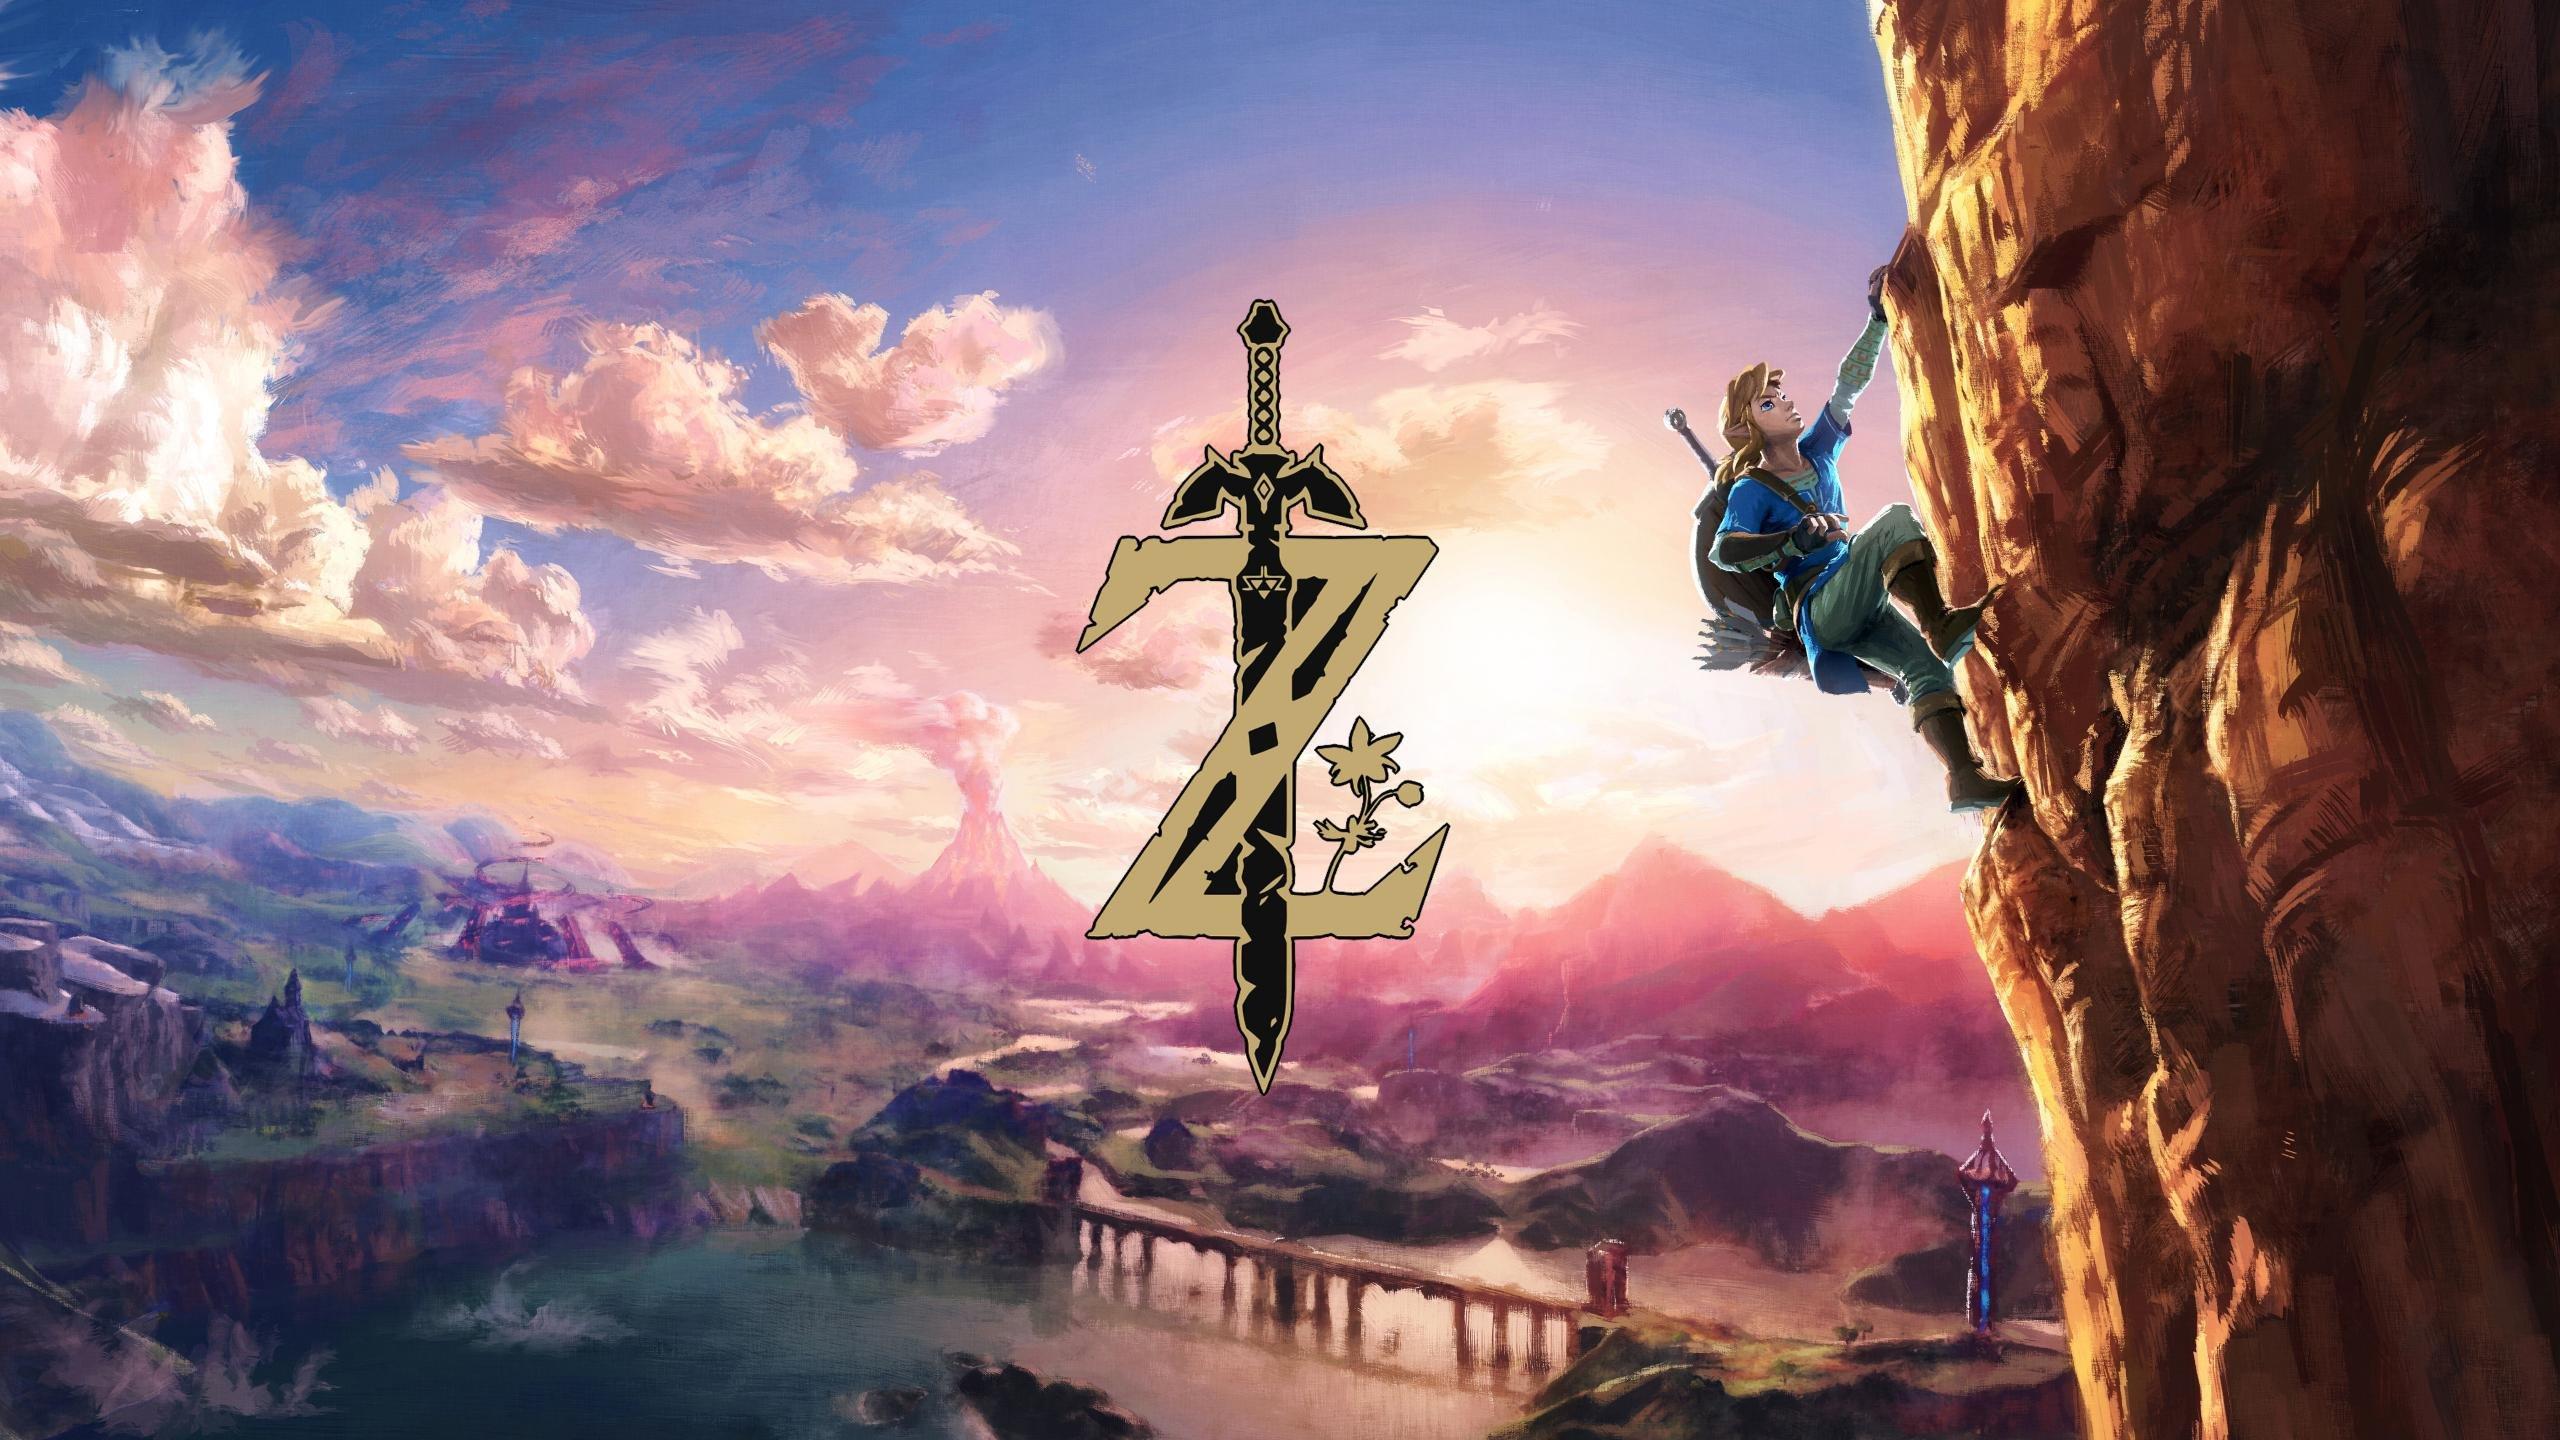 The Legend Of Zelda Wallpapers 2560x1440 Desktop Backgrounds